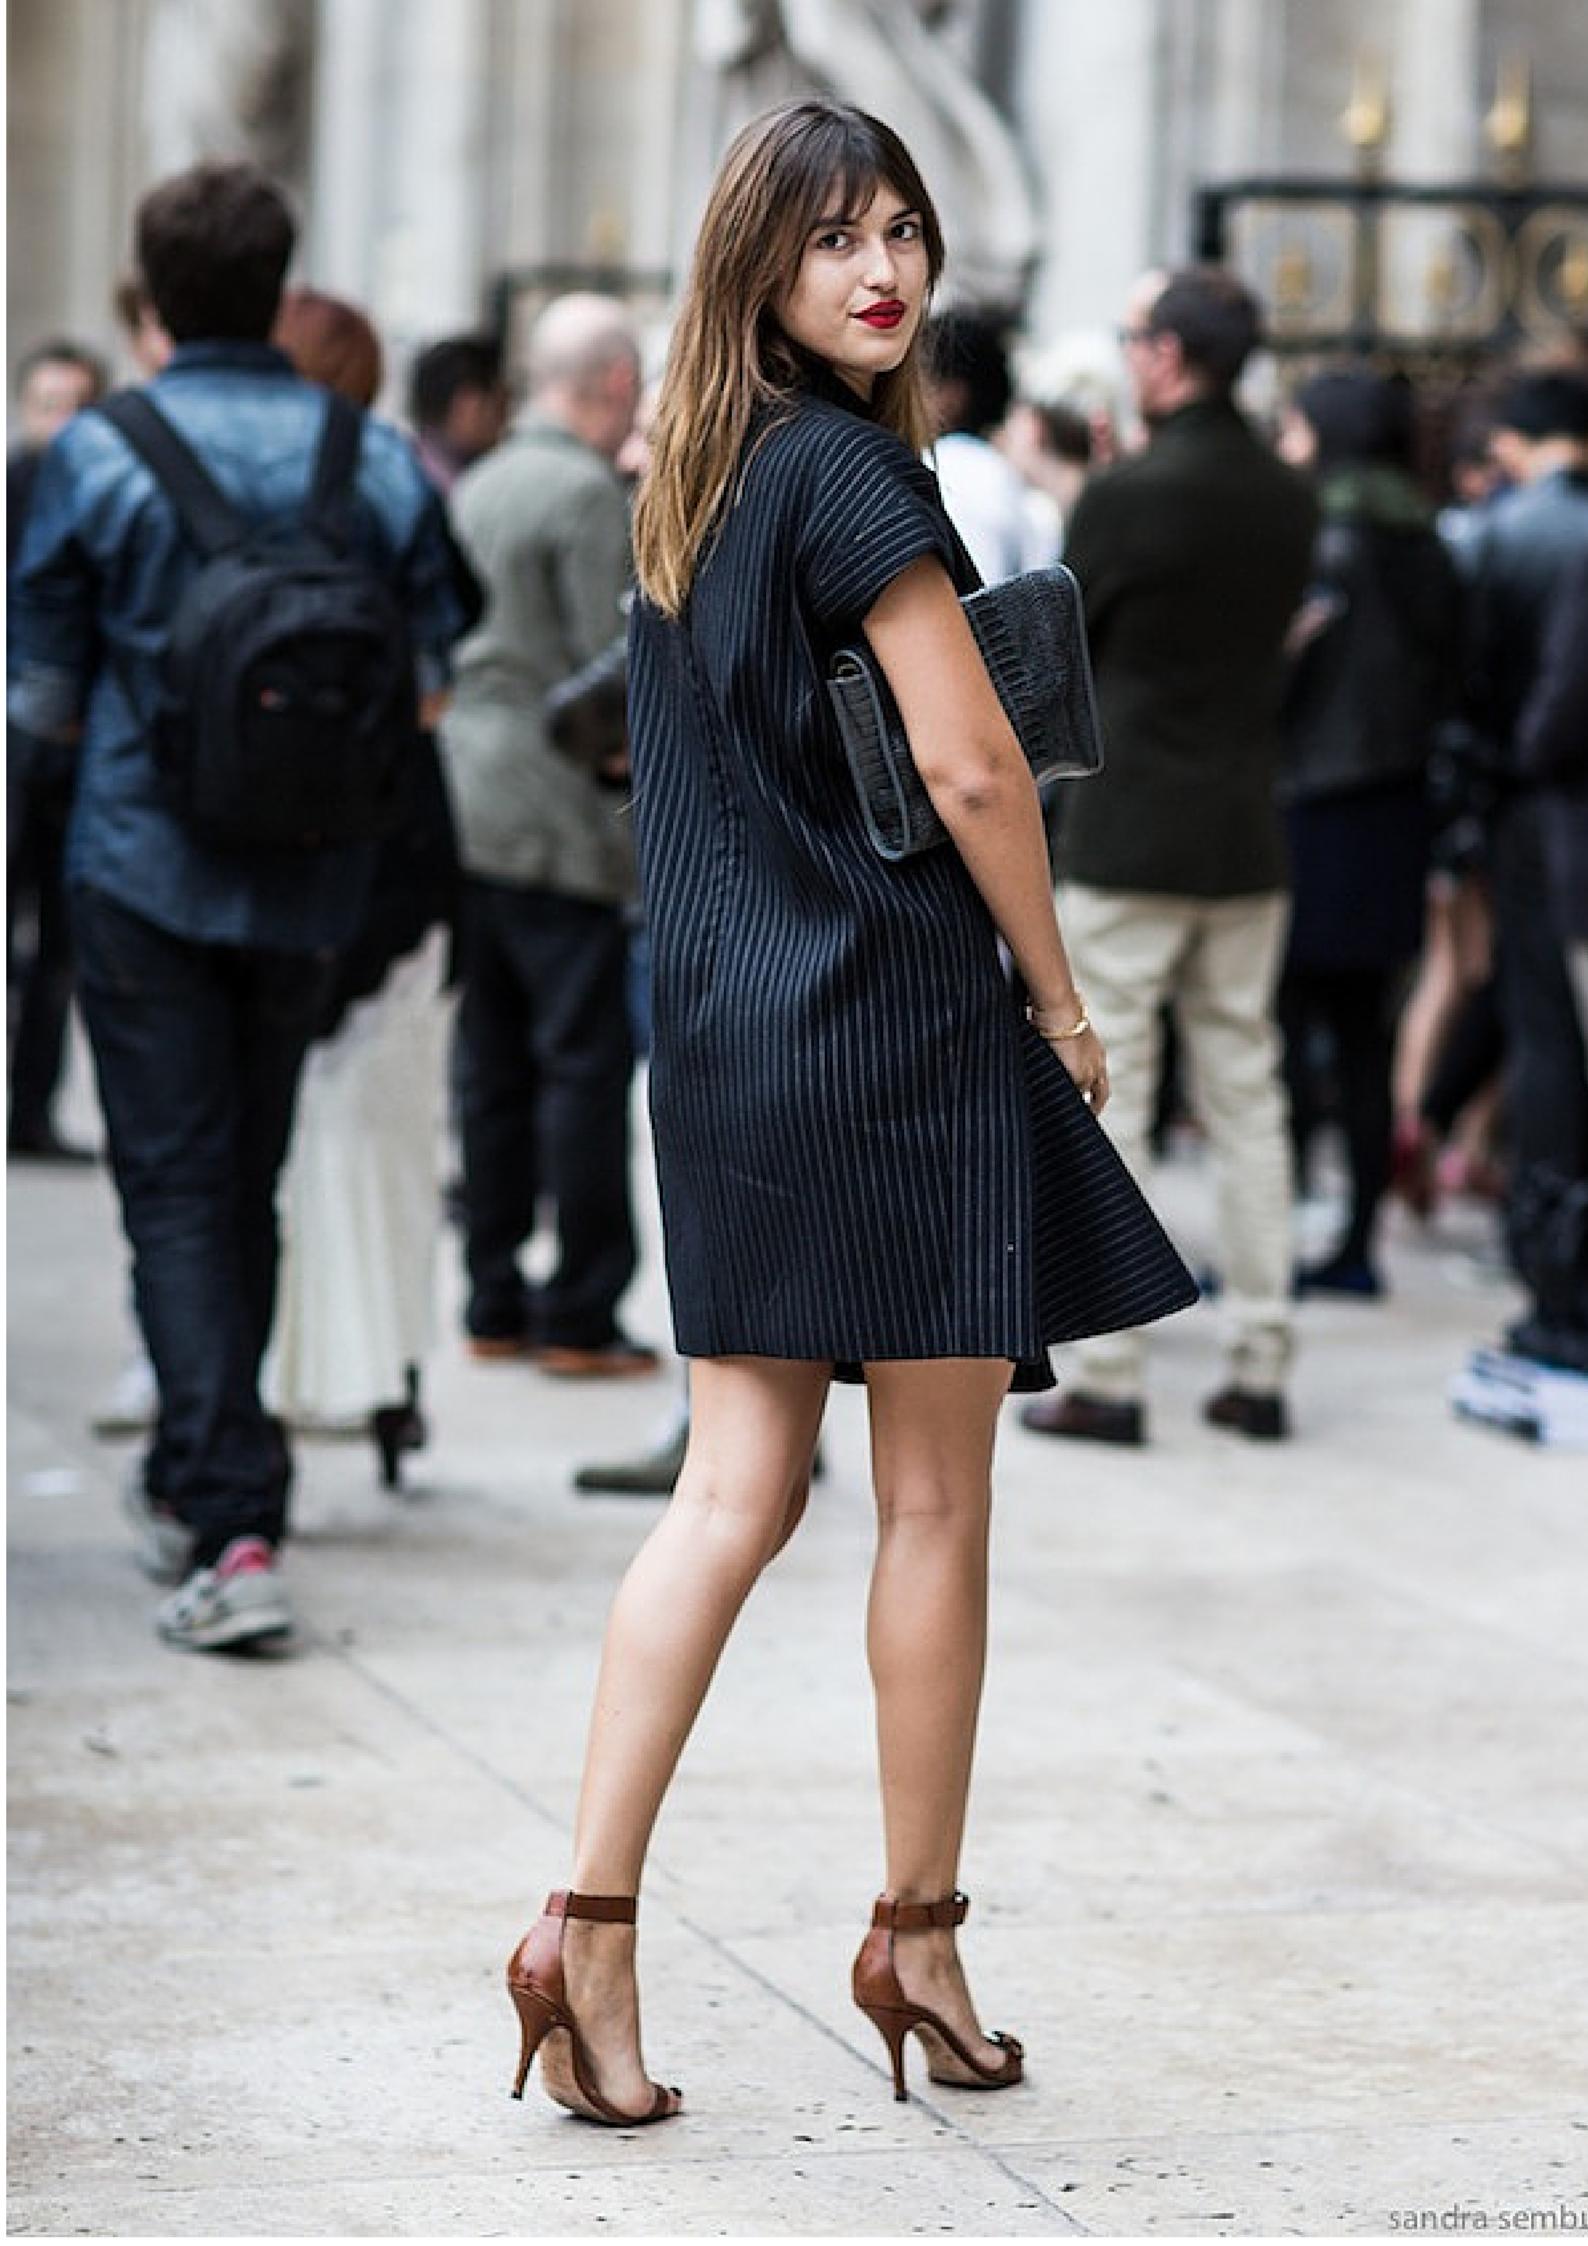 foto: street style / who what wear